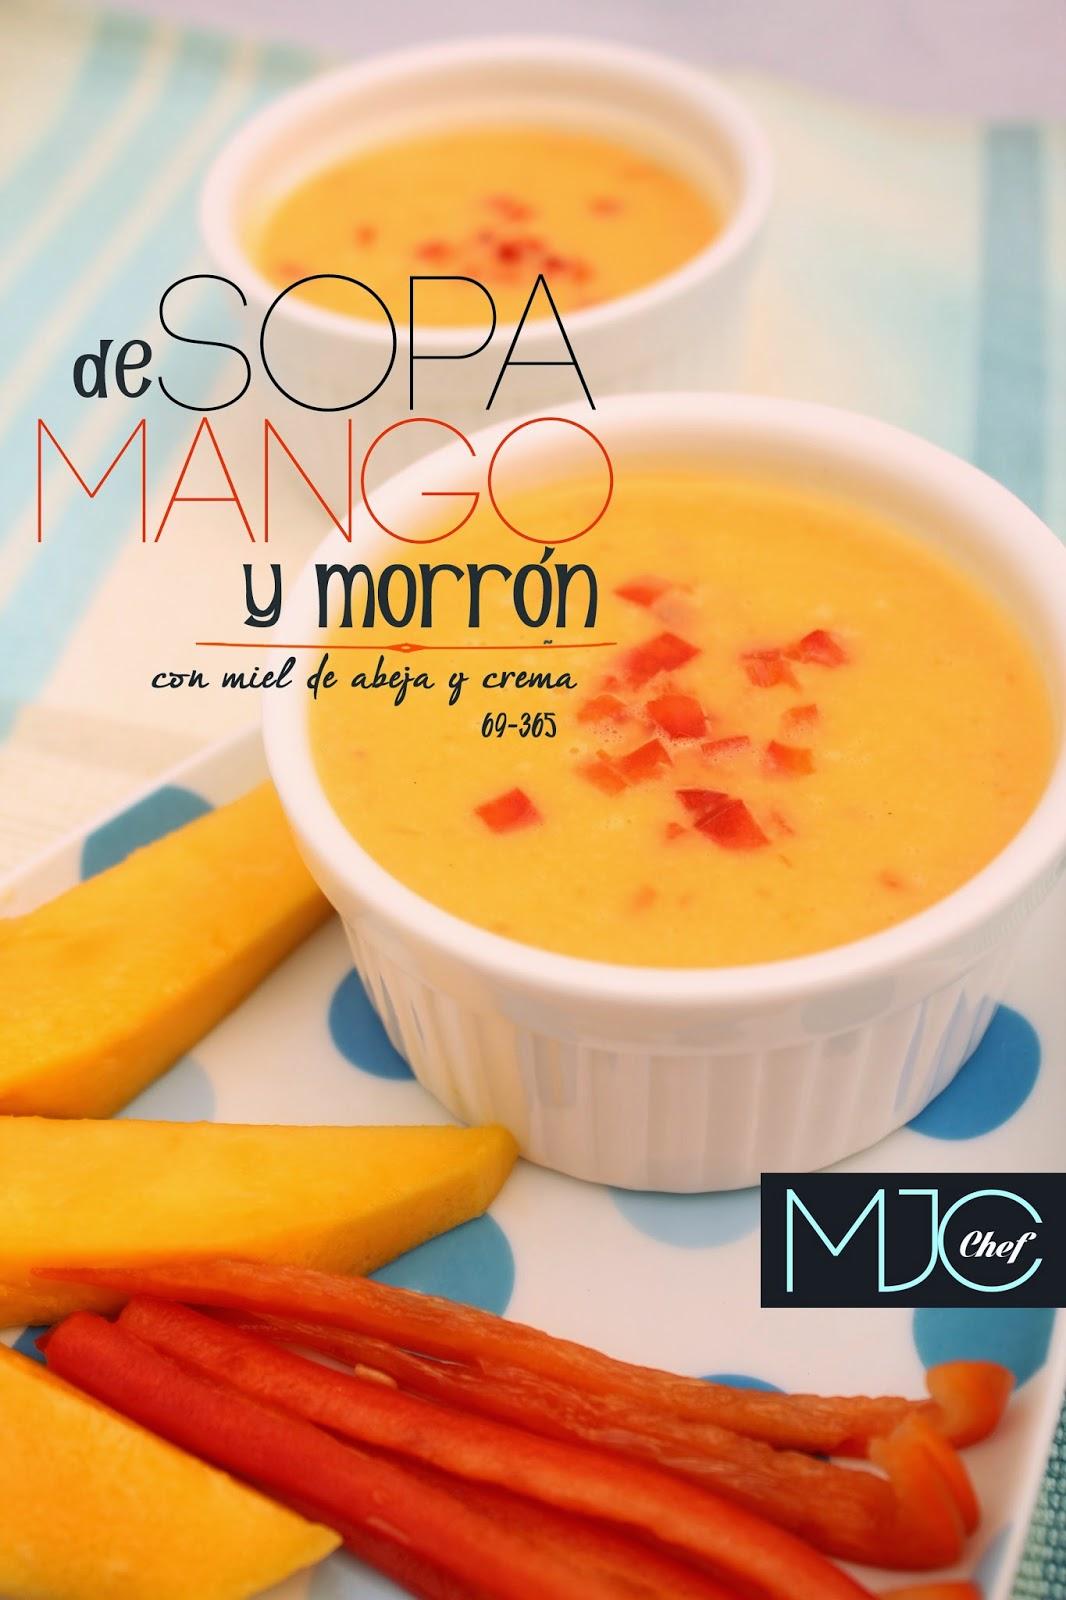 Sopa de mango